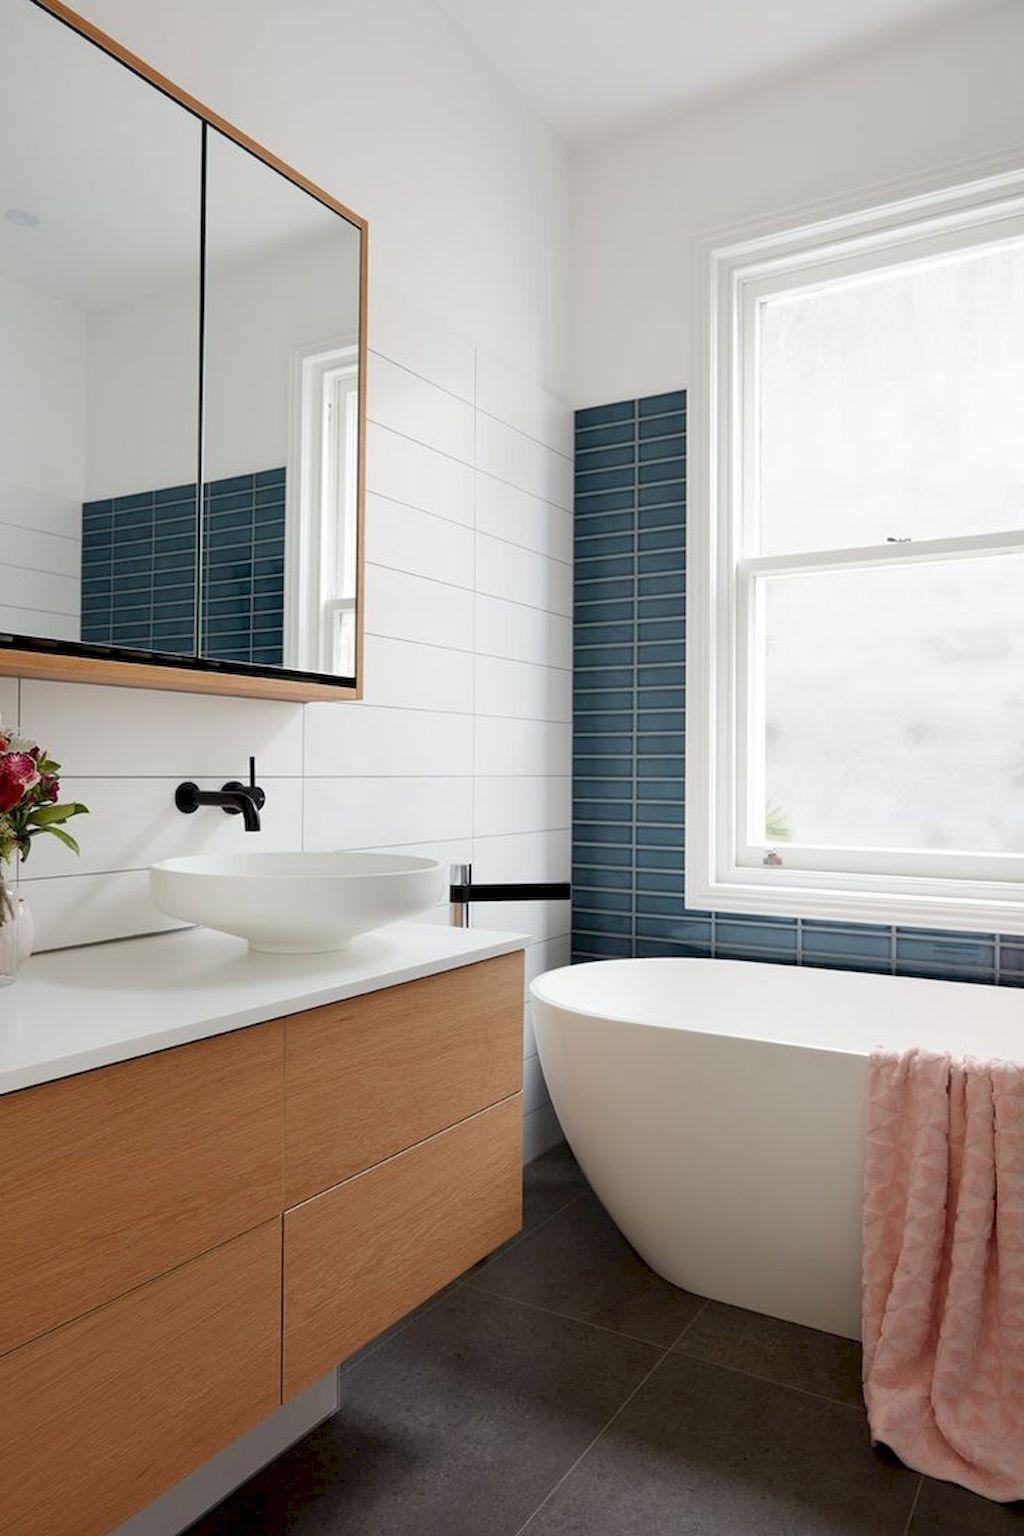 Best Bathtub Designs For Today Bathroom Models Mit Bildern Modernes Badezimmerdesign Badezimmer Klein Badrenovierung